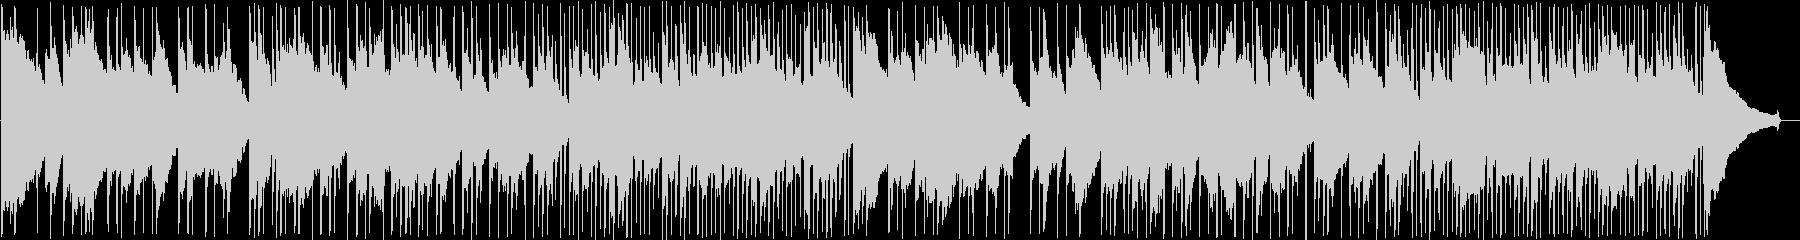 緩やかなボサノバ調のアコースティック曲の未再生の波形